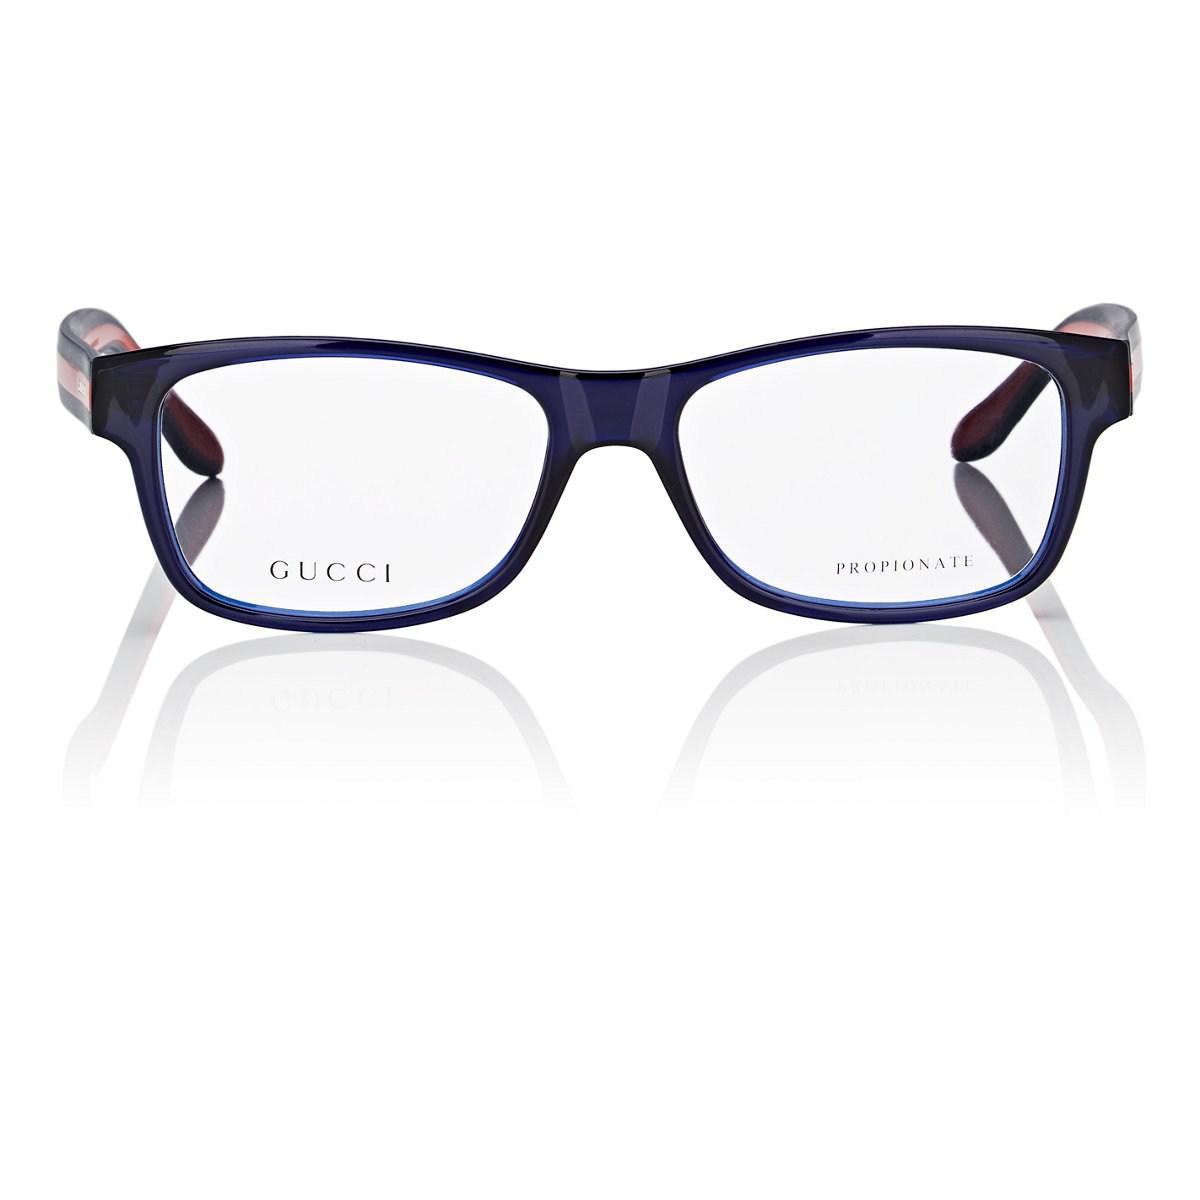 1037cad9fda Lyst - Gucci Gg1046 Eyeglasses in Blue